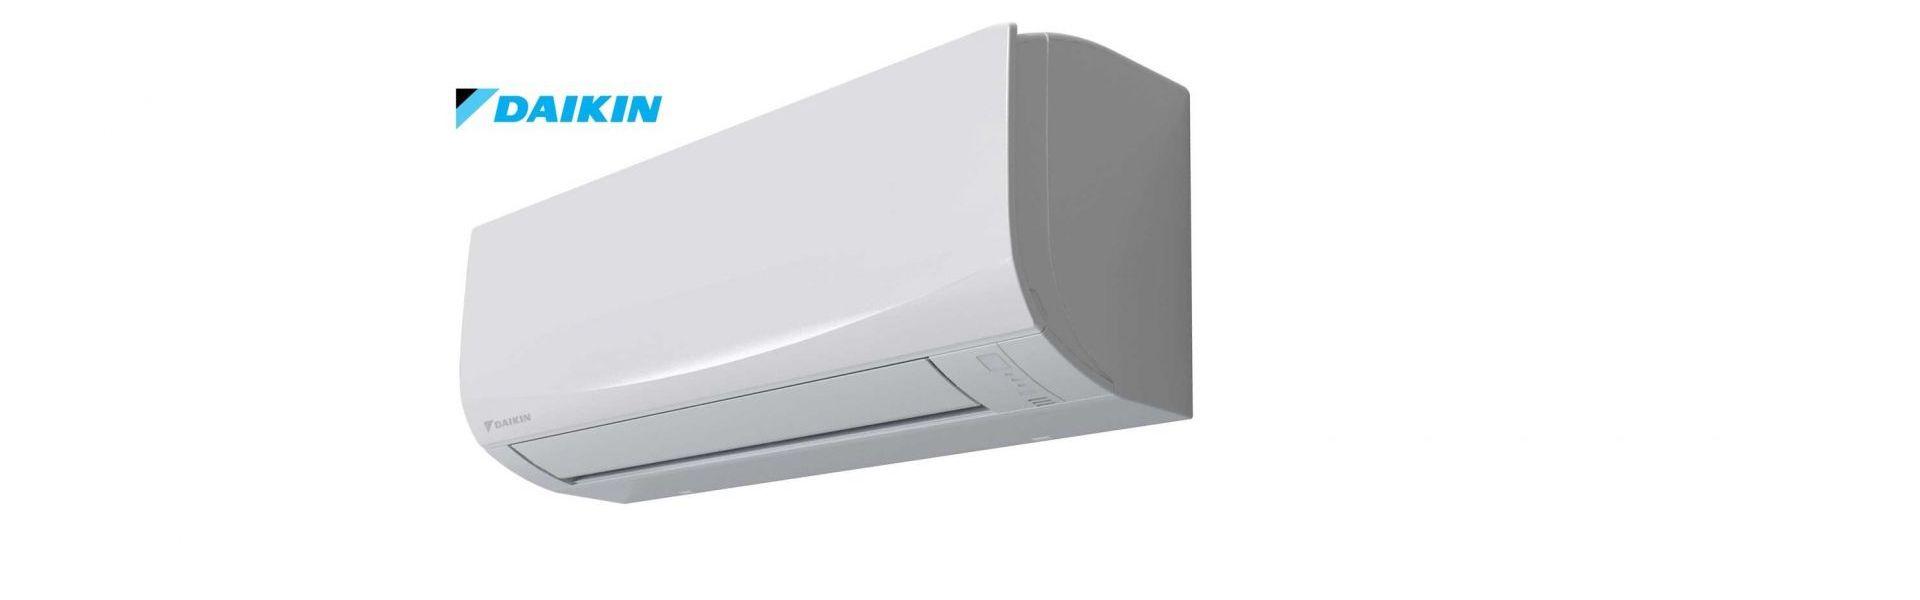 Daikin légkondícionálók